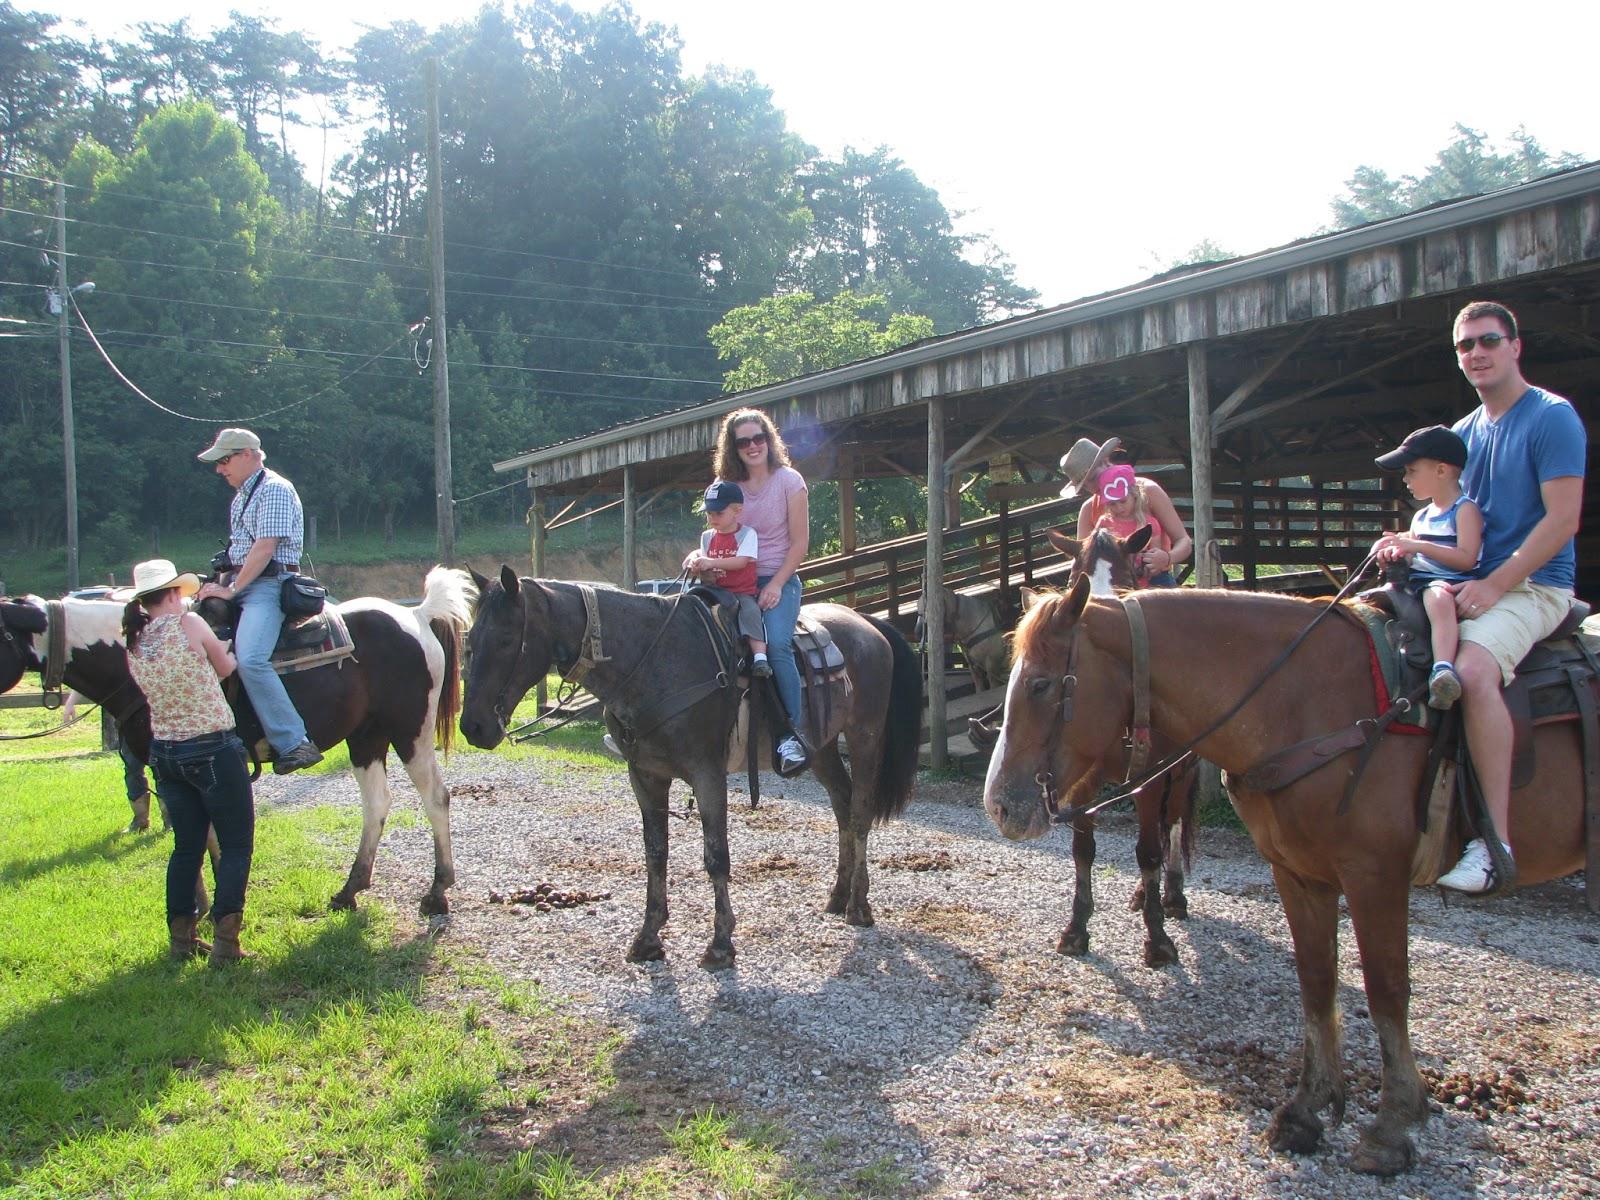 Smoky Mountains Horseback Riding